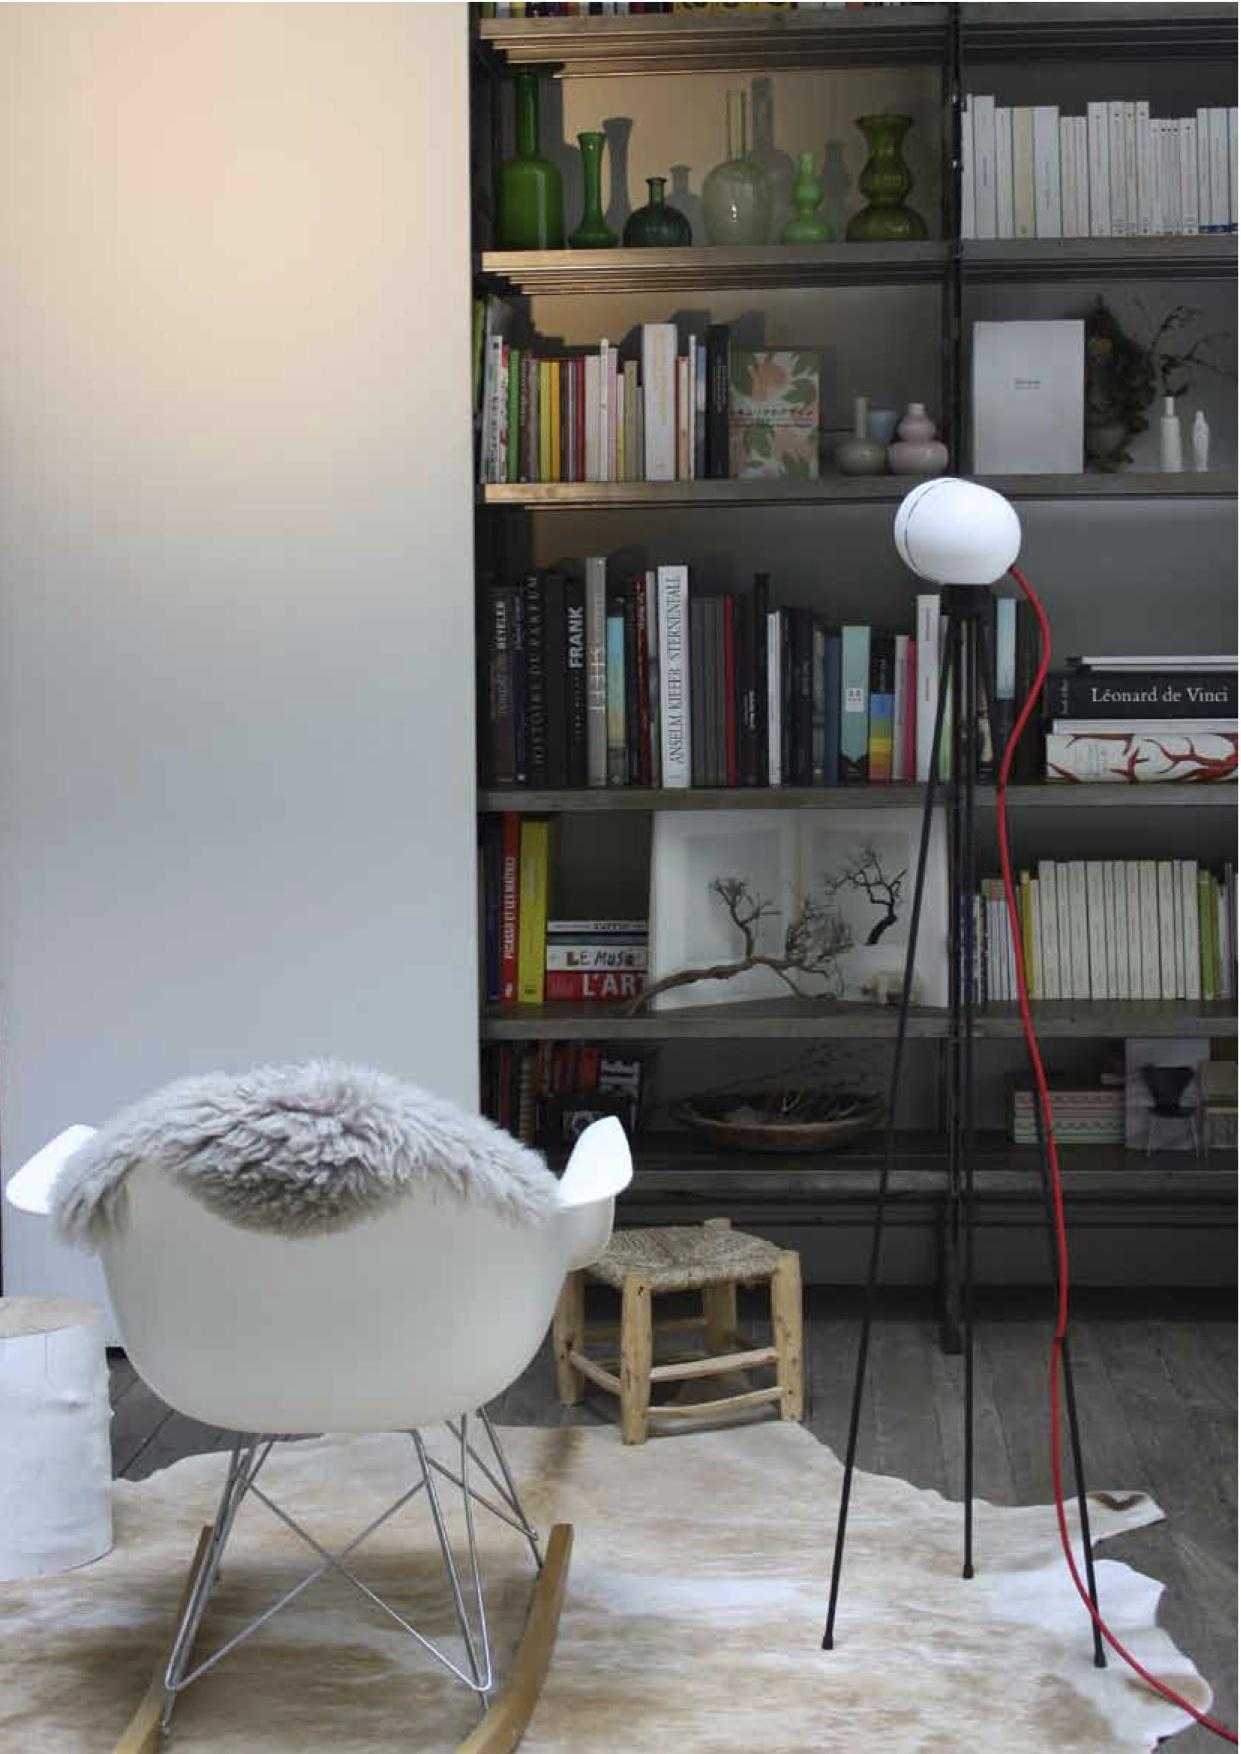 Lampe Azimut tripod touch - Lampe sur pied - Christian Girard